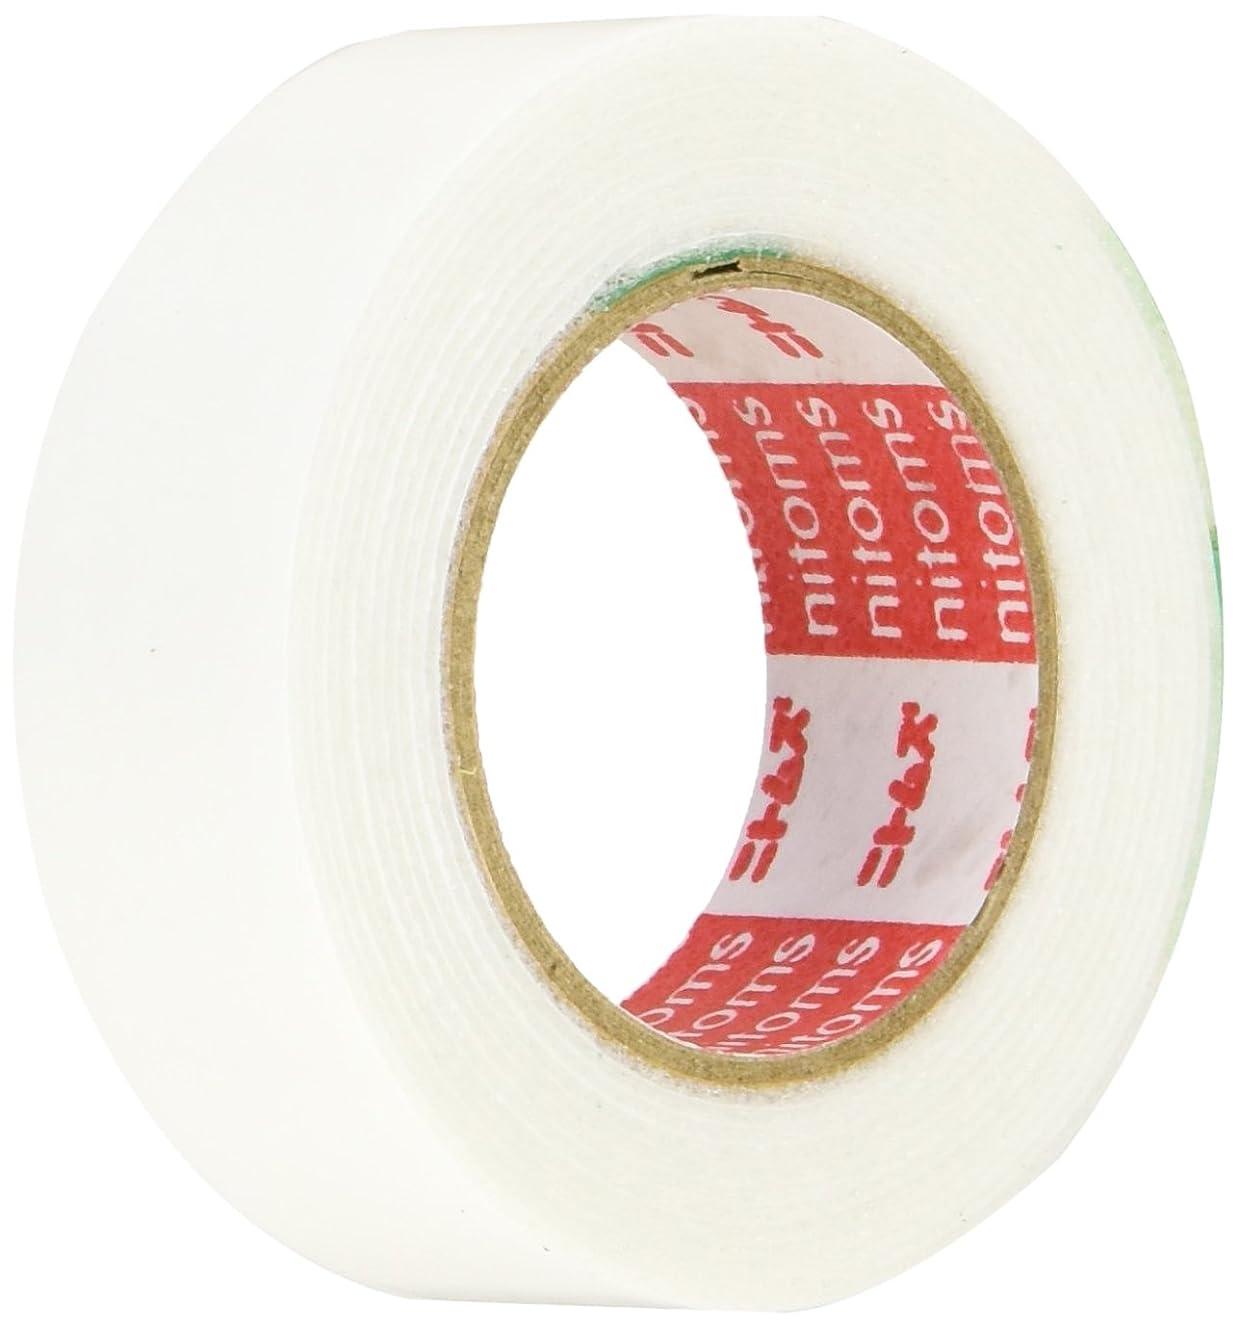 ルビー遺伝子立証するニトムズ はがせる両面テープ 壁紙用 15mm×1.5m T3971